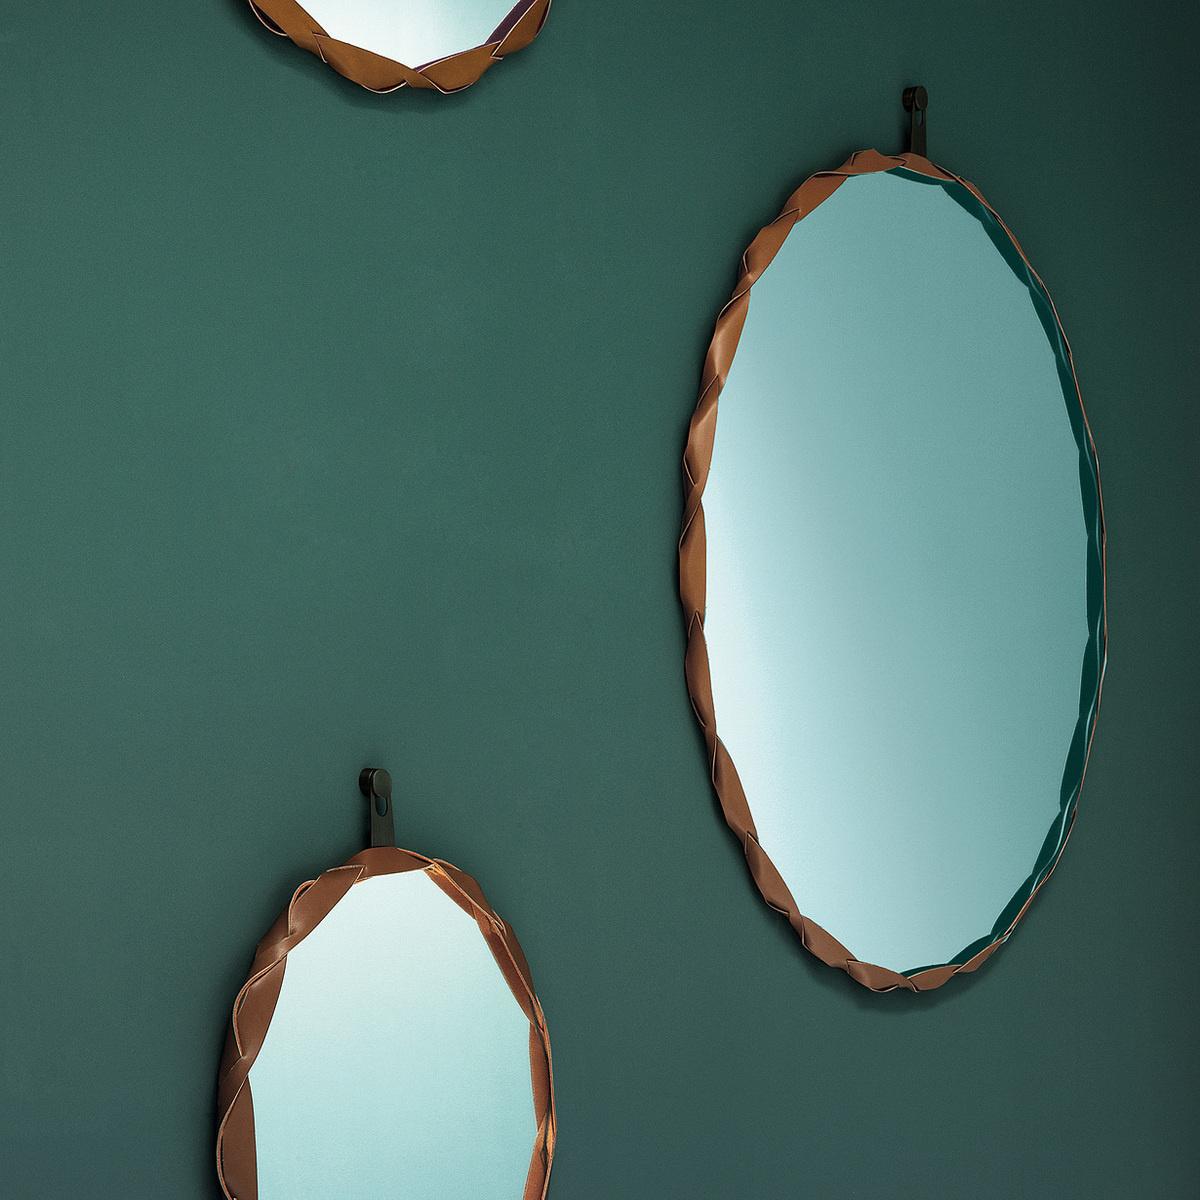 Gli specchi da parete di design   DESIGN STREET